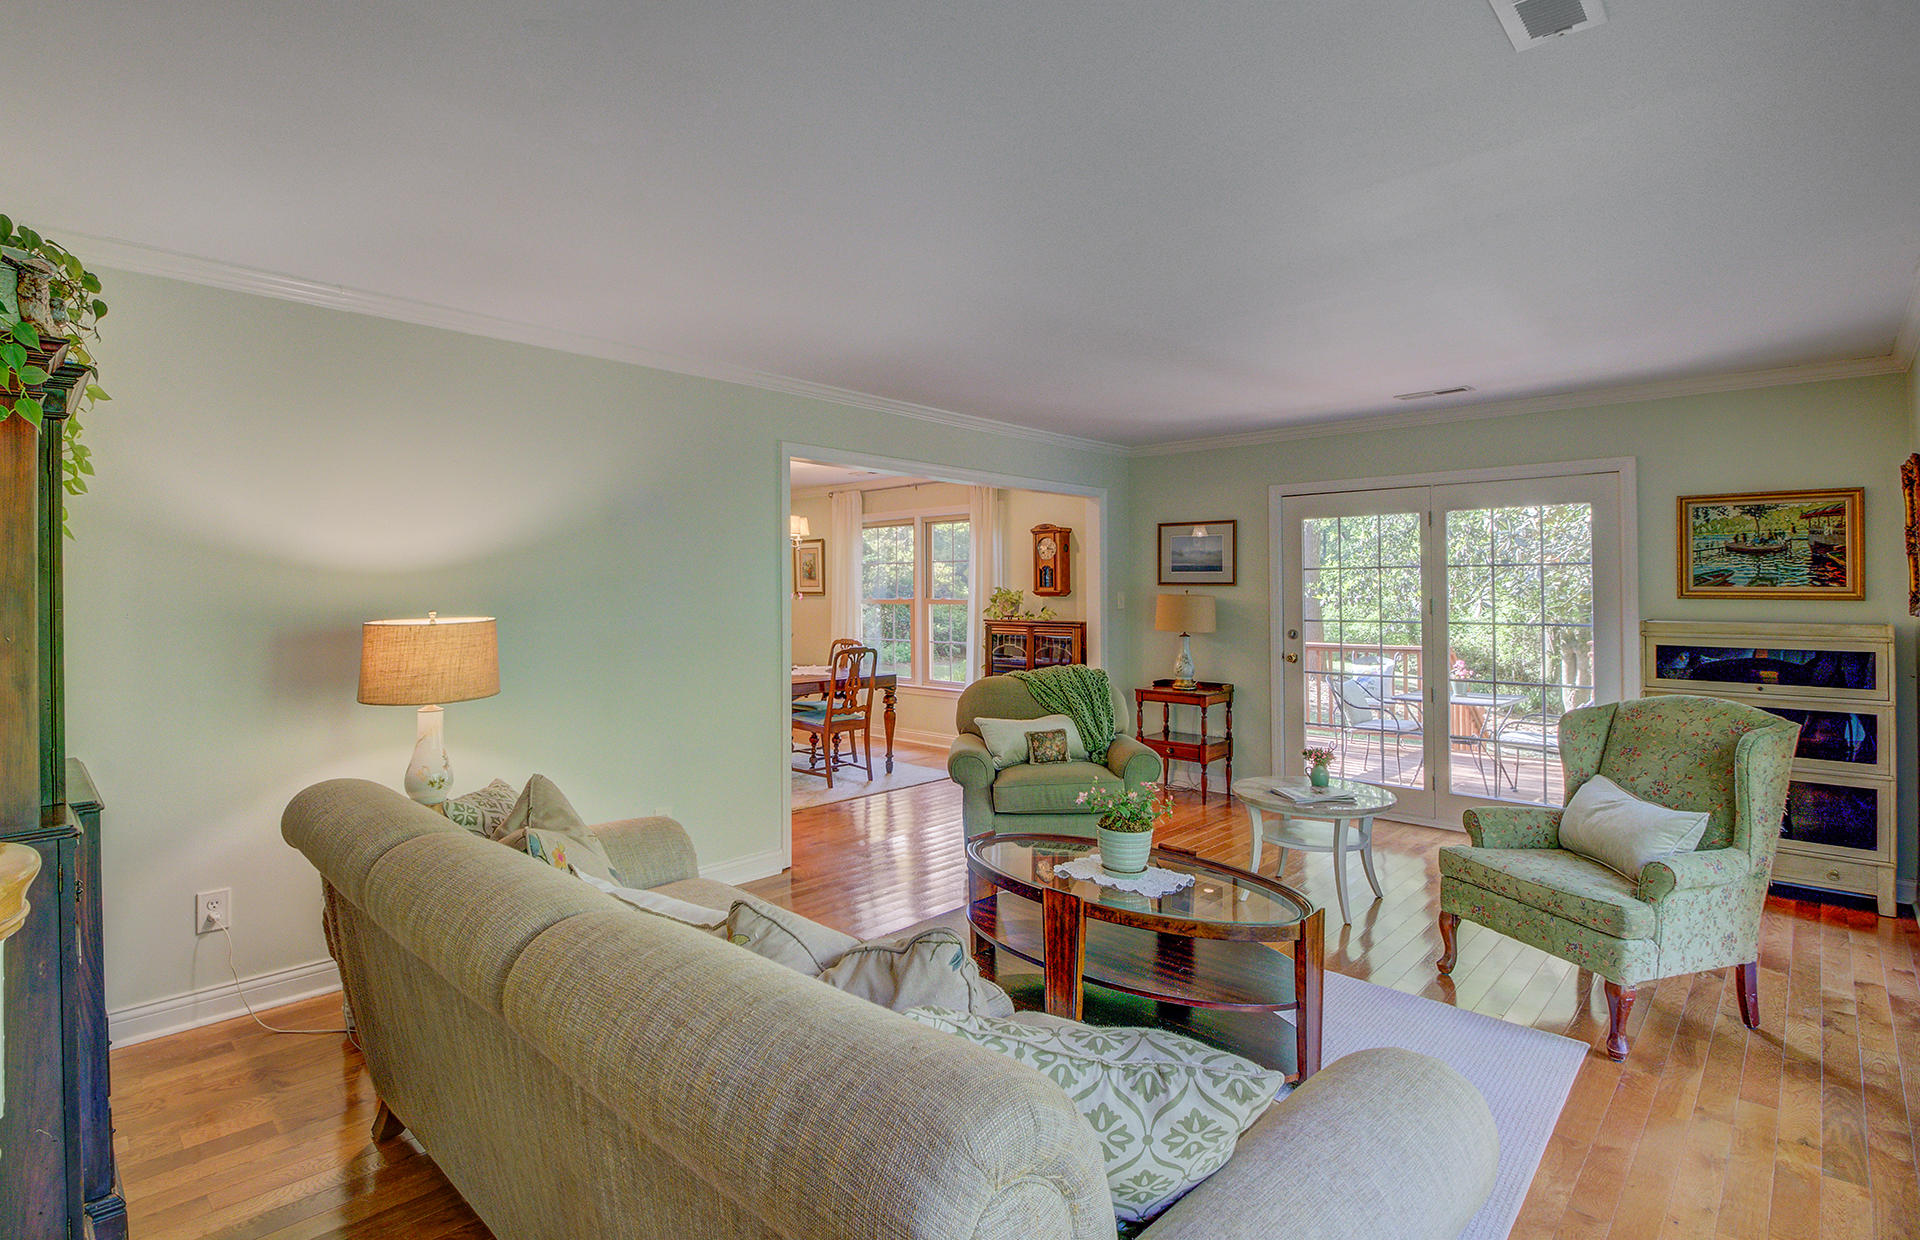 Pine Forest Inn Homes For Sale - 543 Simmons, Summerville, SC - 19